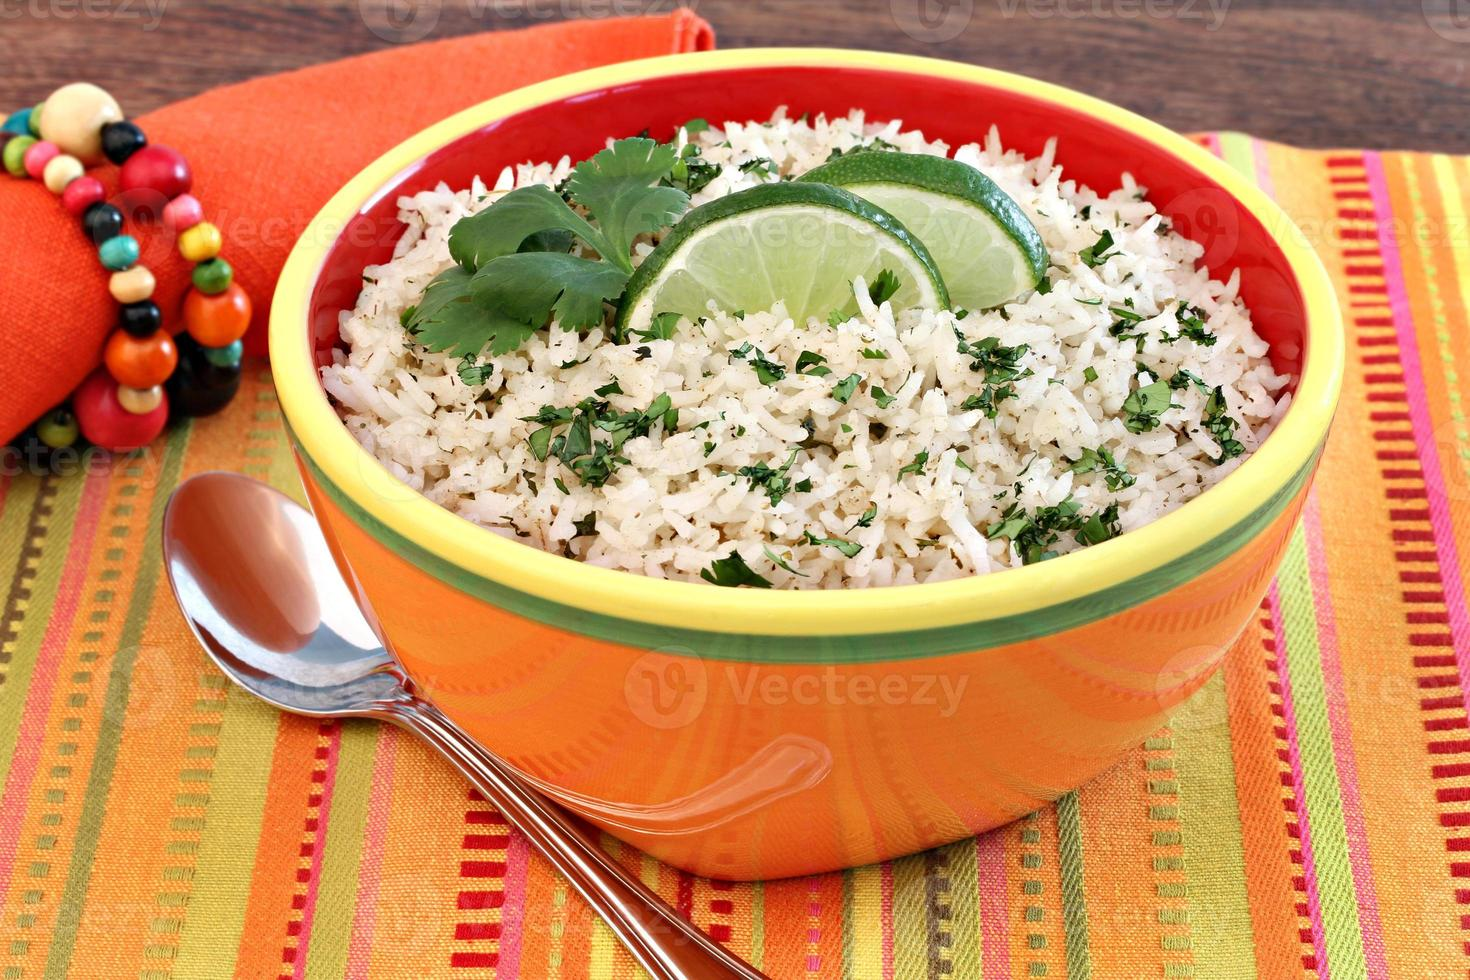 arroz basmati com coentro e limão foto